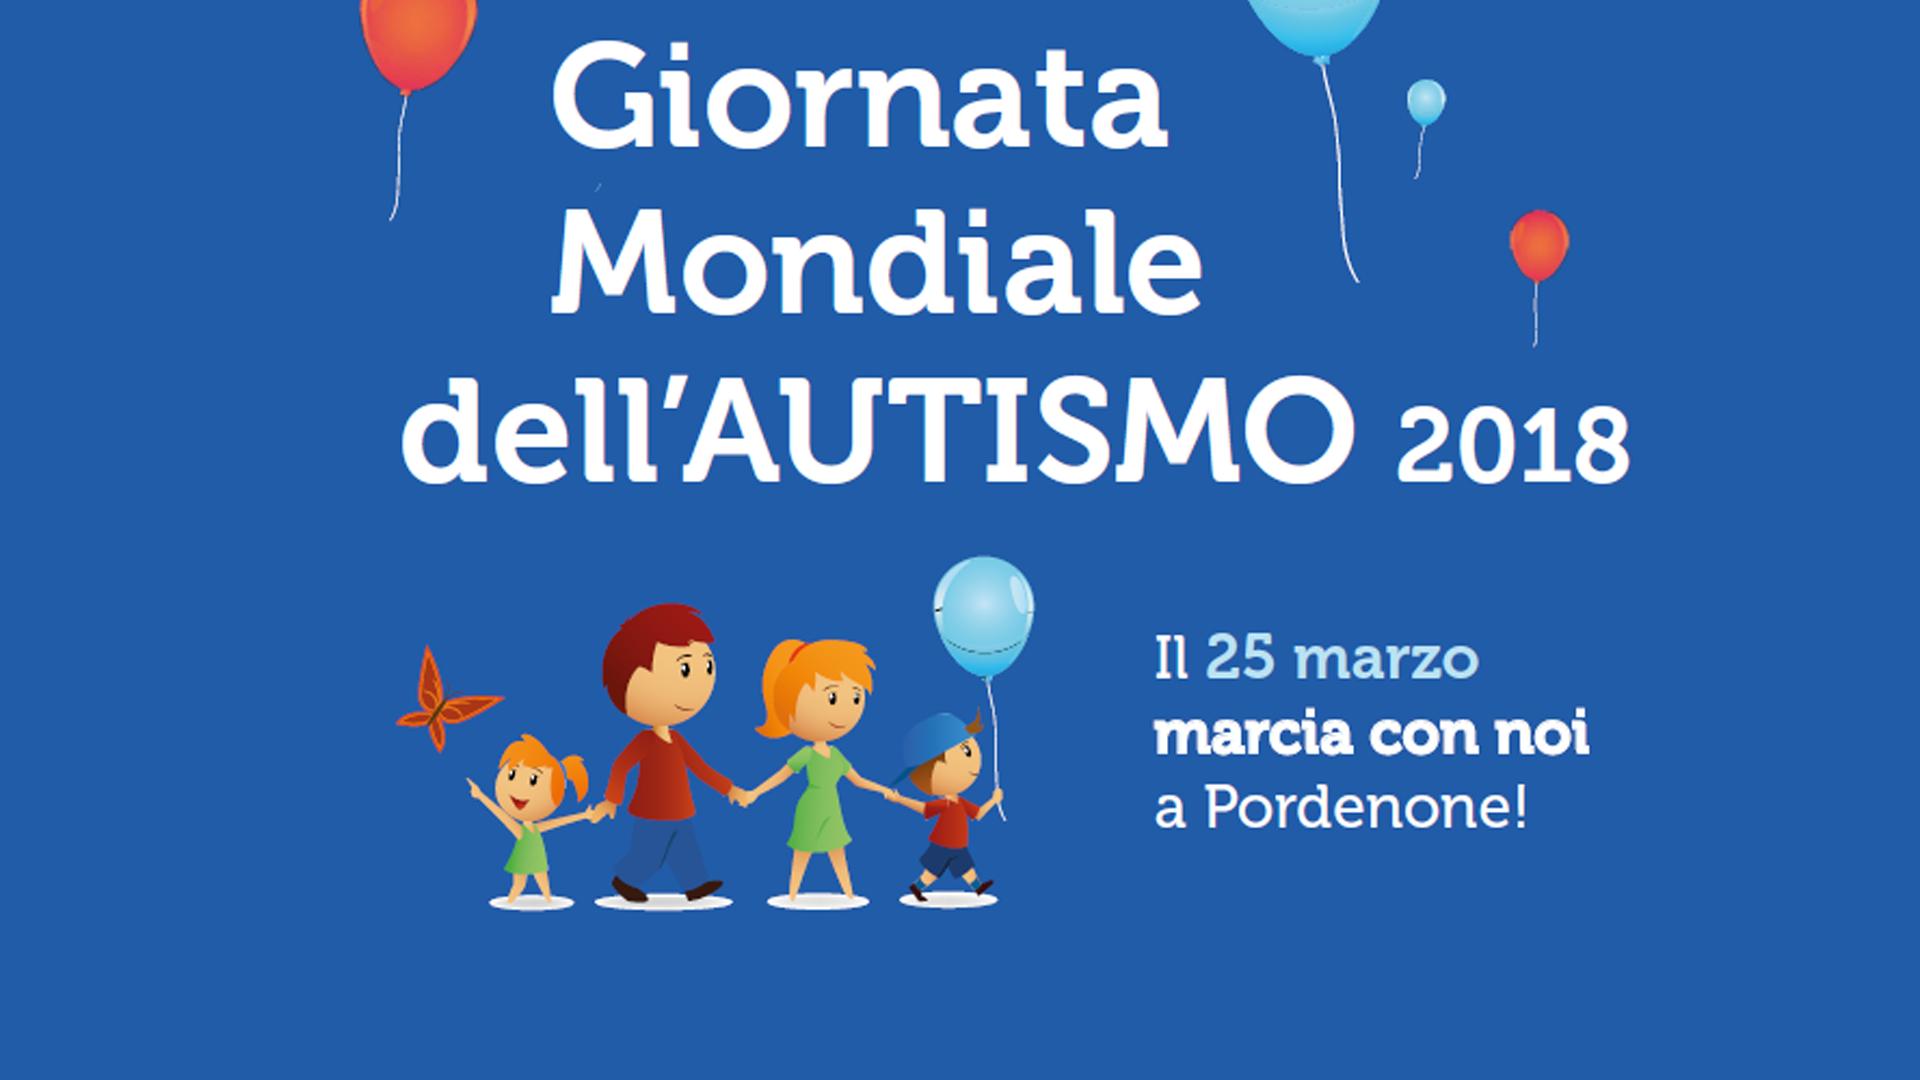 Fondazione bambini e autismo for Giornata mondiale del bacio 2018